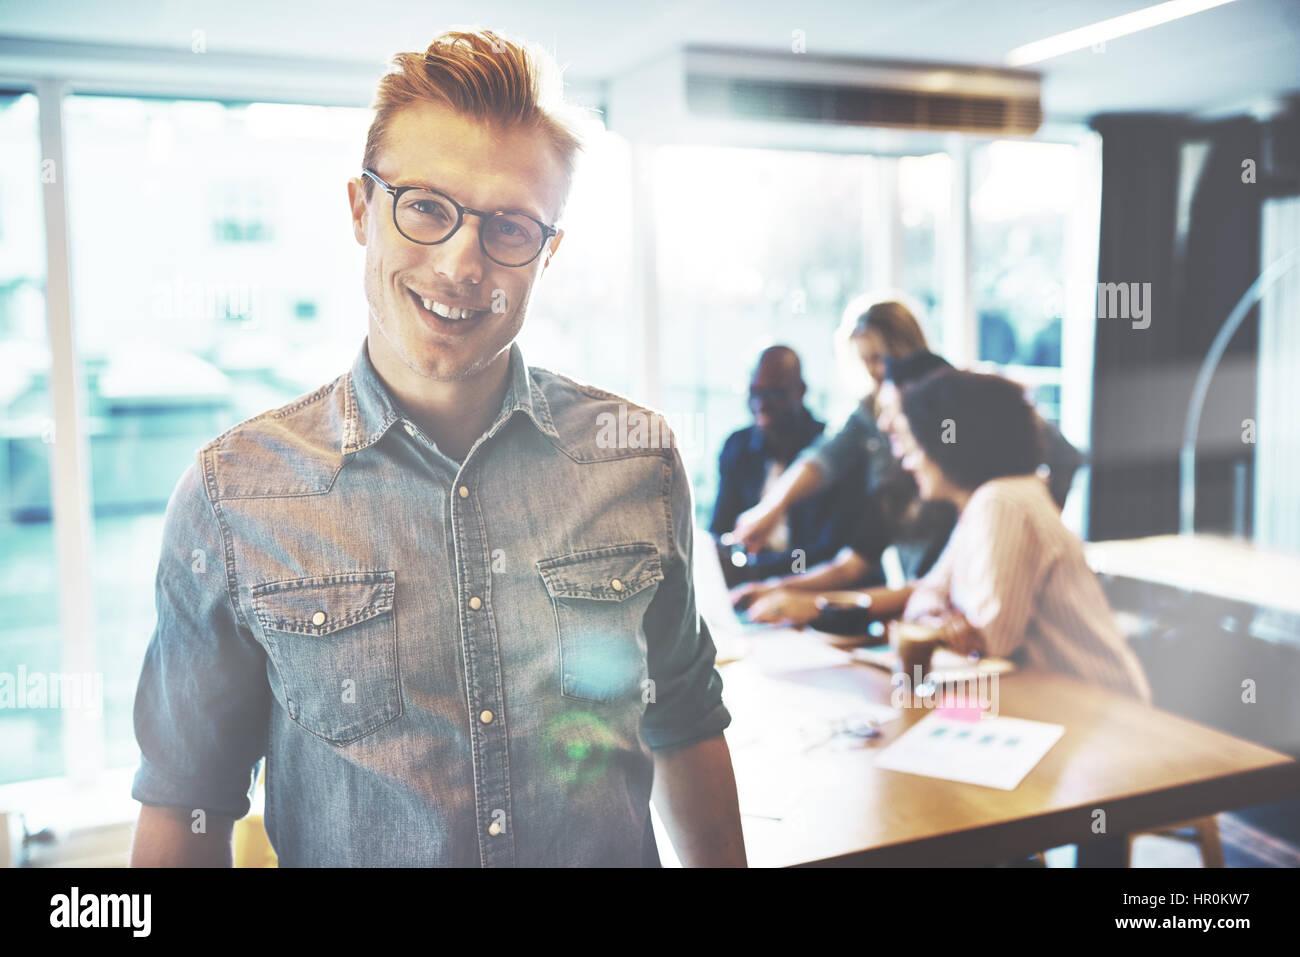 Joven apuesto hombre con gafas y ropa casual mirando a la cámara y sonriendo, de pie en la luminosa oficina Imagen De Stock